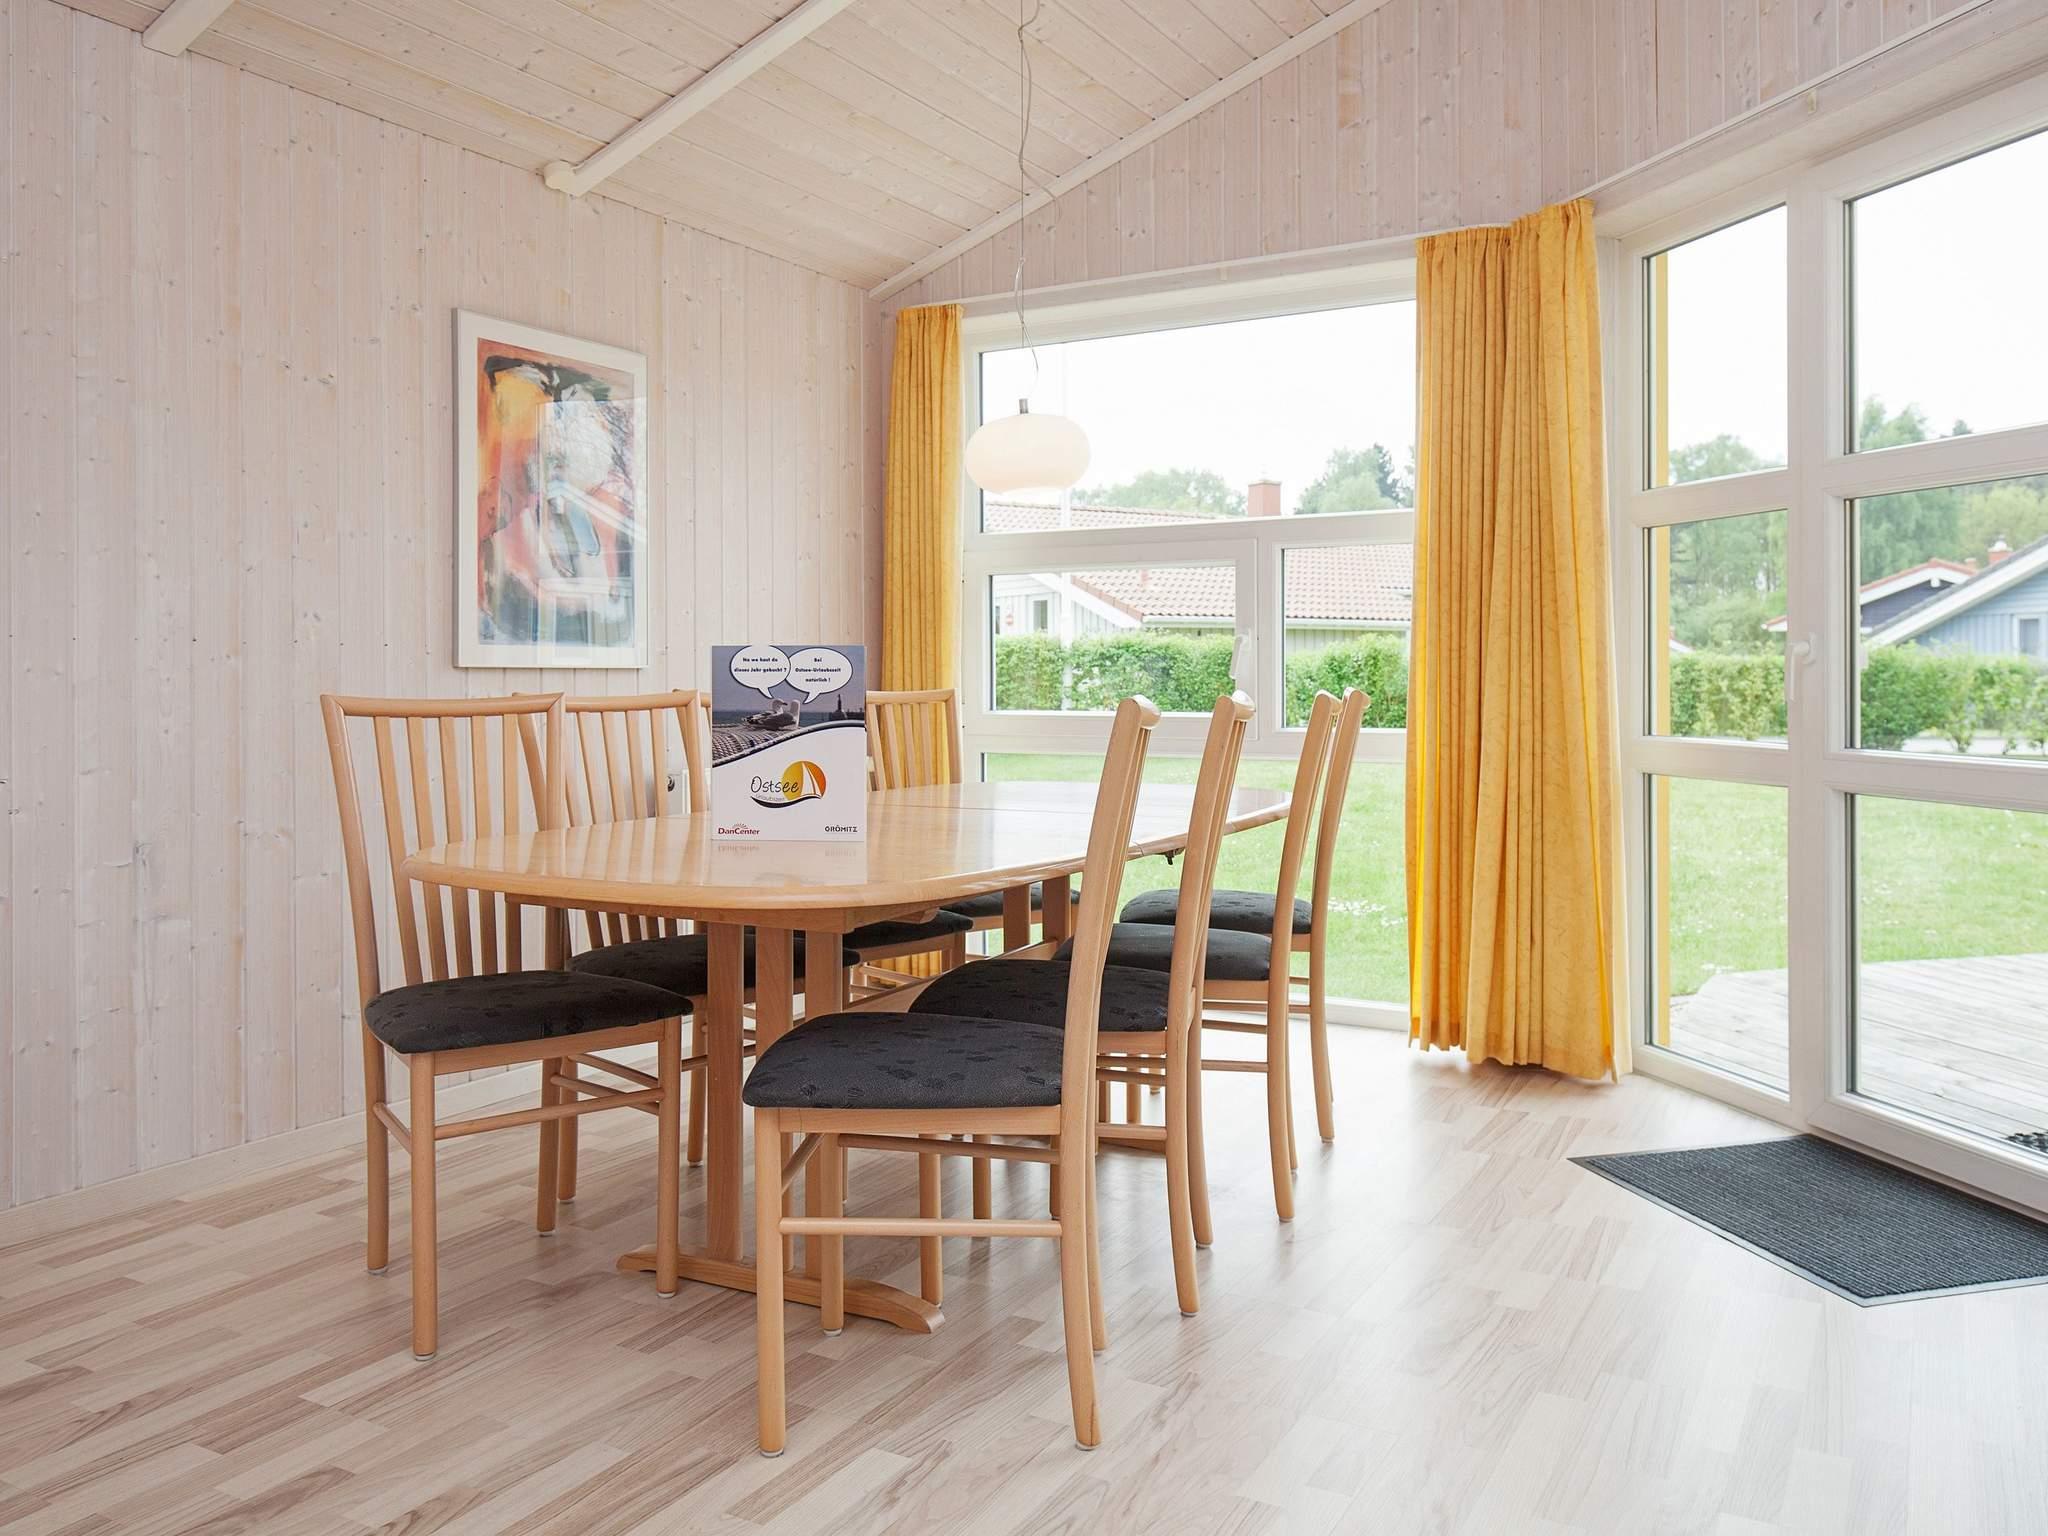 Maison de vacances Grömitz (359058), Grömitz, Baie de Lübeck, Schleswig-Holstein, Allemagne, image 6